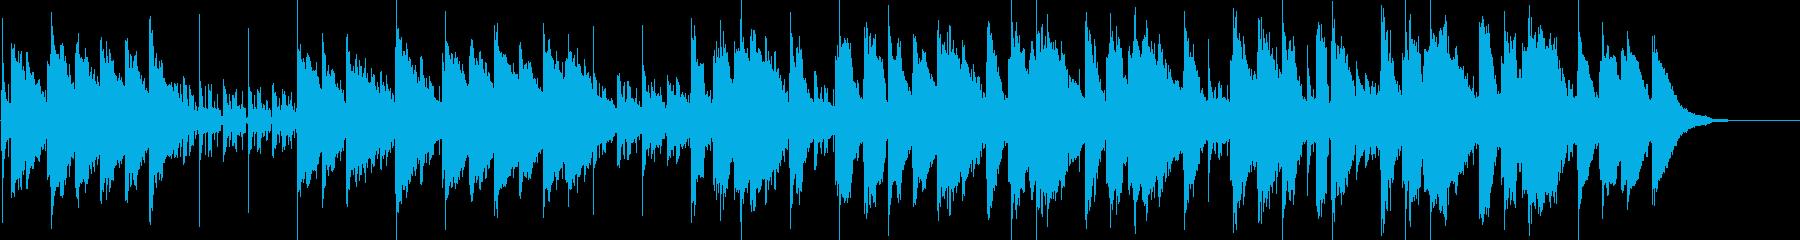 徐々に盛り上がるミディアムバラードの再生済みの波形